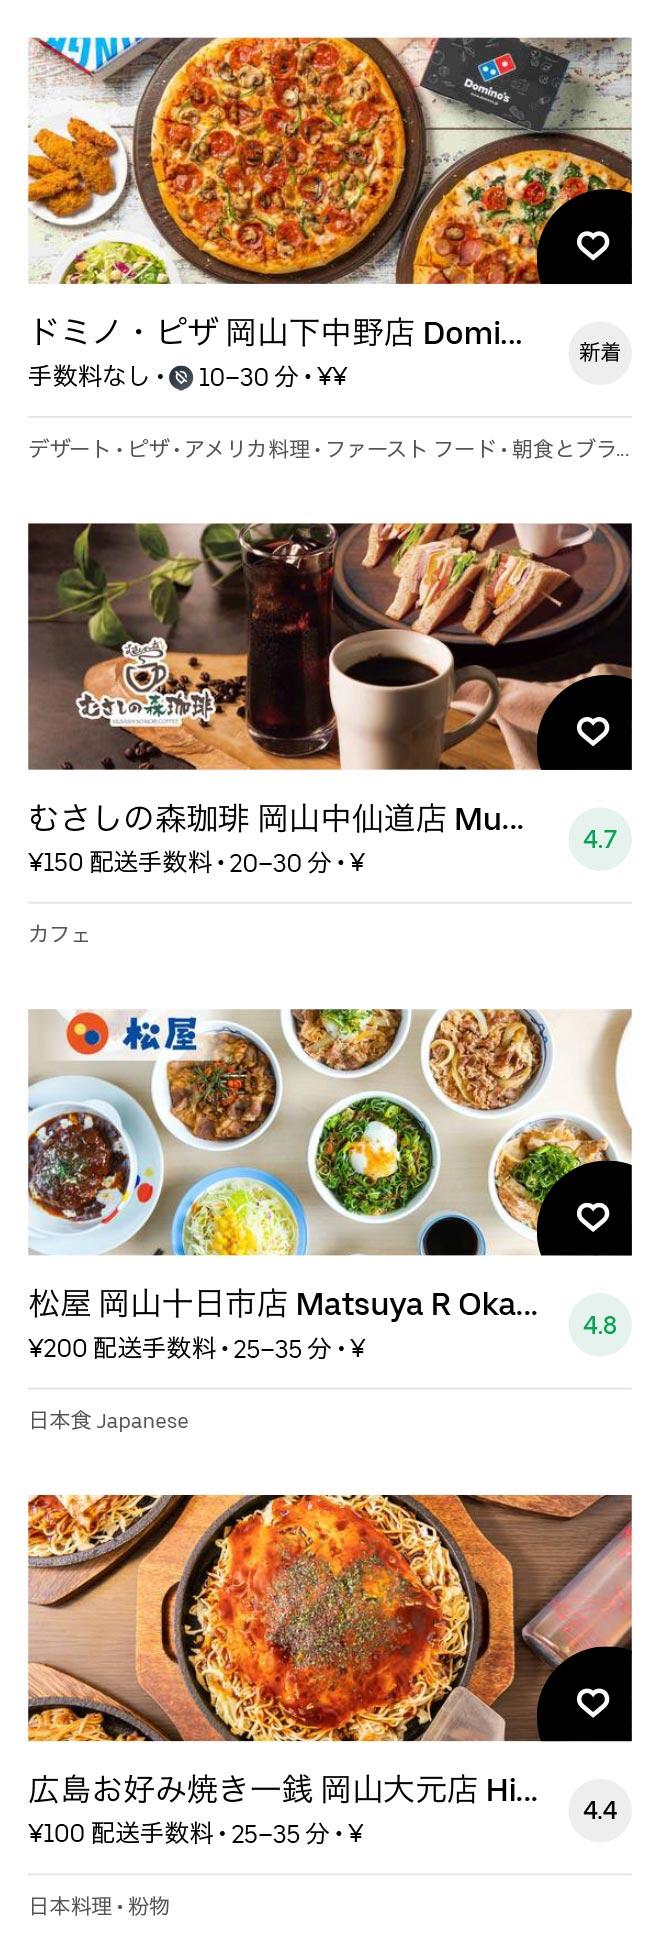 Bizen nishiichi menu 2011 07